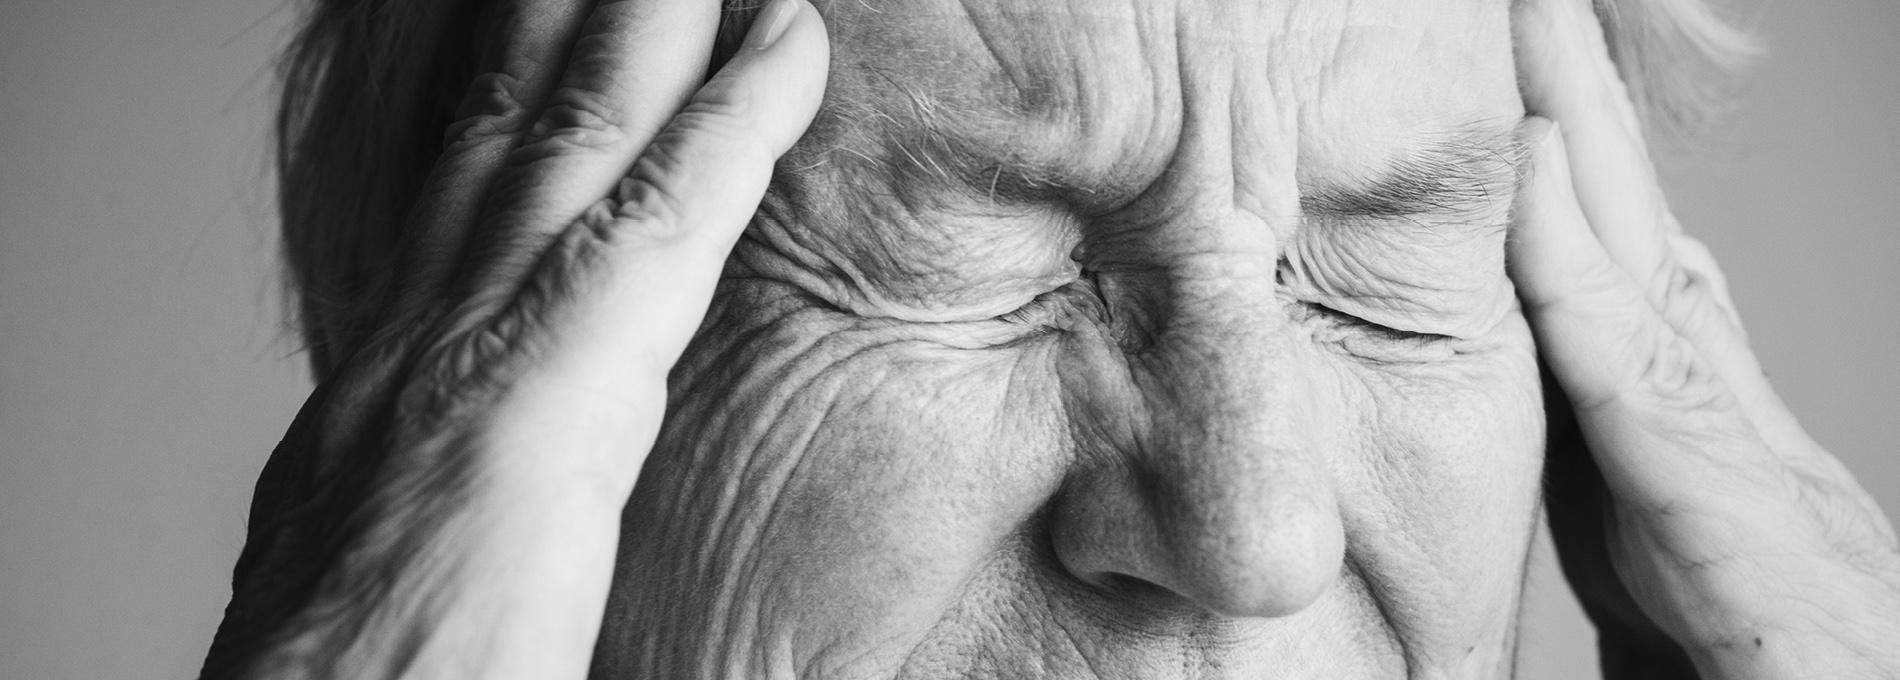 Pensar: a maior causa de sofrimento